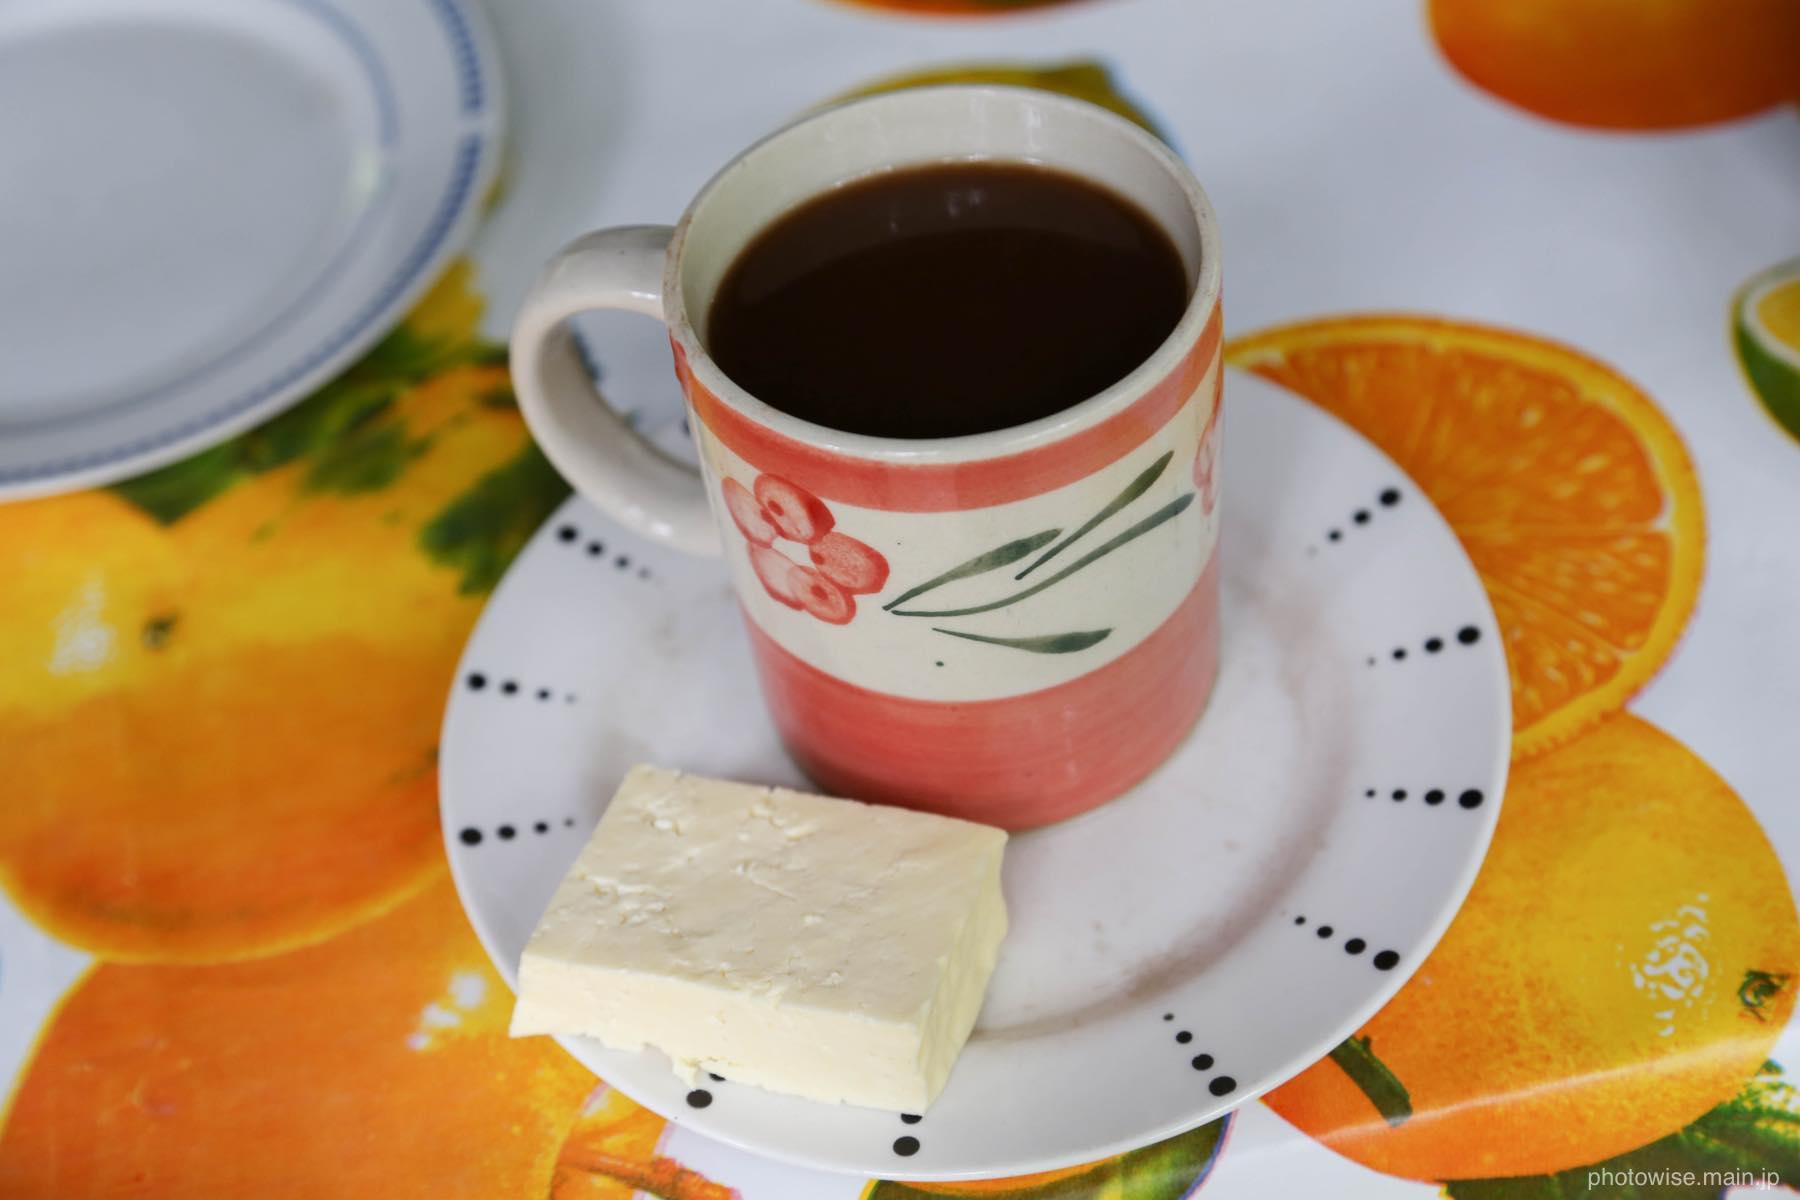 ホットチョコレートとチーズ